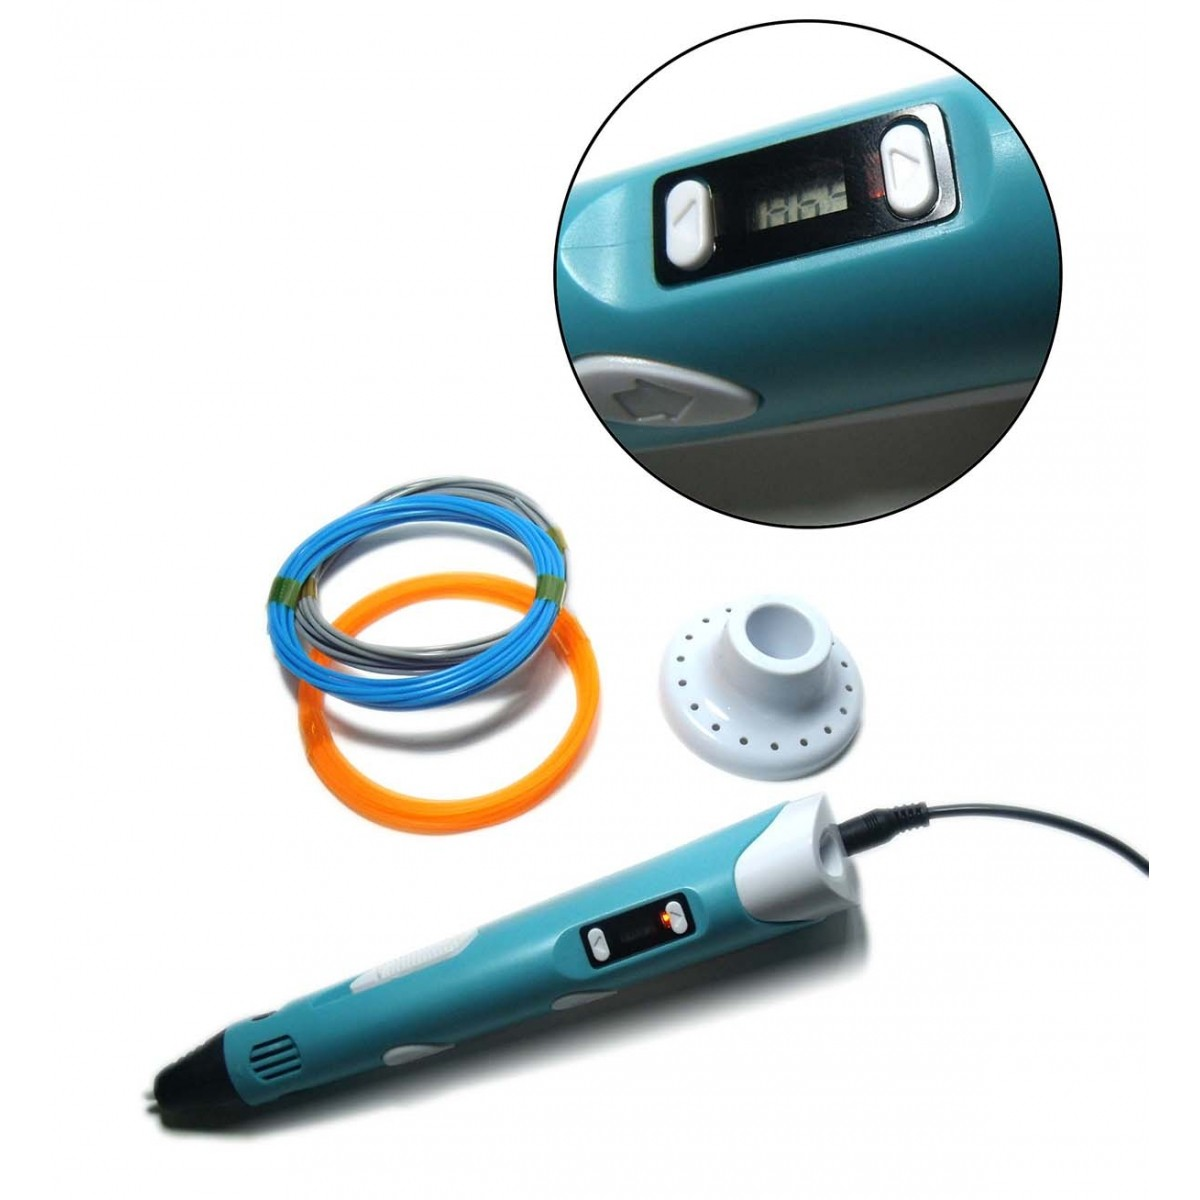 Caneta Impressora 3d Desenho Pen Filamento Pla Bivolt Escultura Cor Azul (BSL-HEL-1)